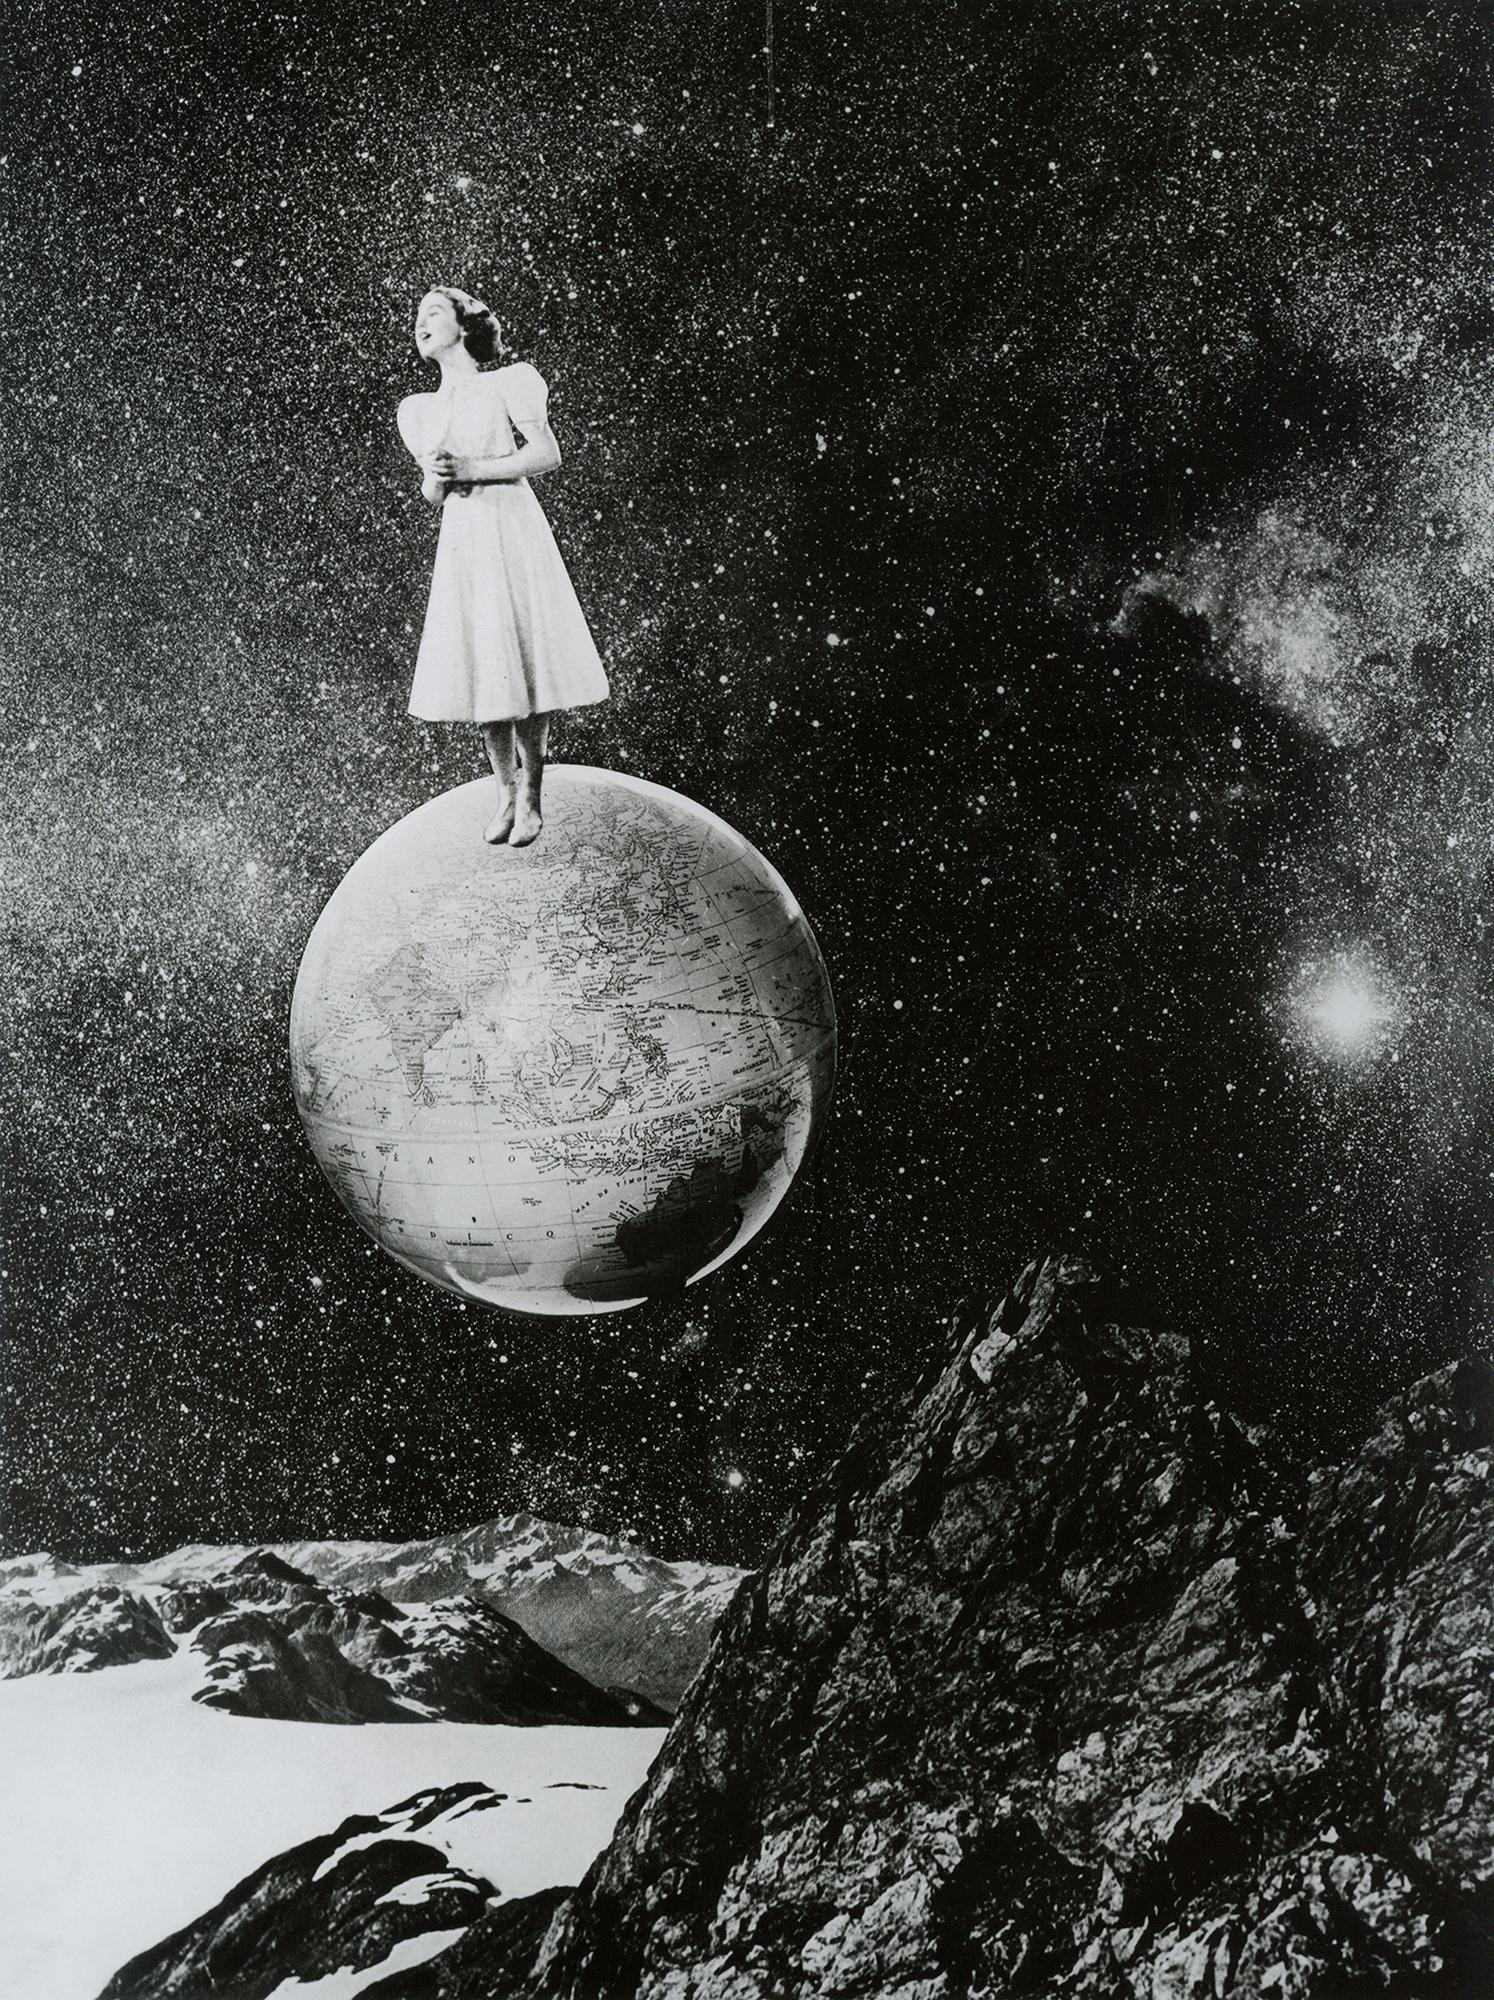 Grete Stern, Sueño nro 35, 1949. Gentileza Jorge Mara - La Rouche